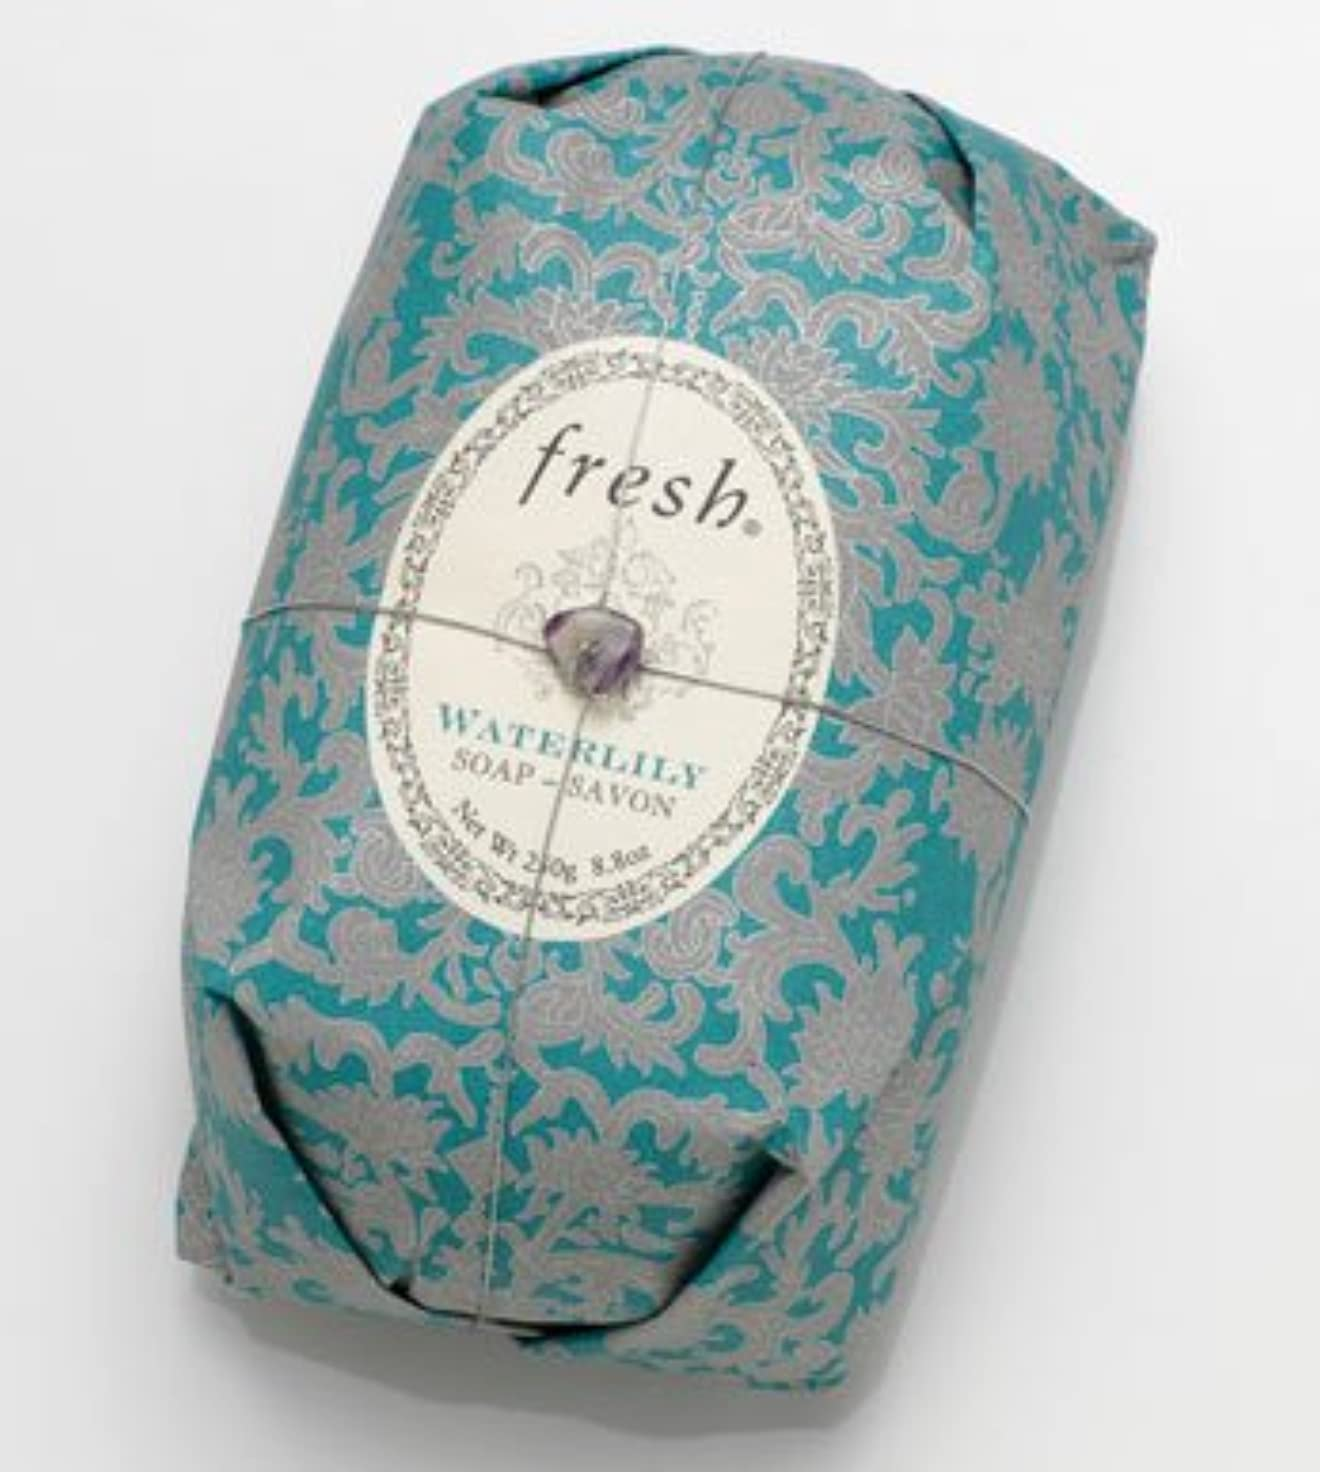 悔い改める実際に仮称Fresh WATERLILY SOAP (フレッシュ ウオーターリリー ソープ) 8.8 oz (250g) Soap (石鹸) by Fresh